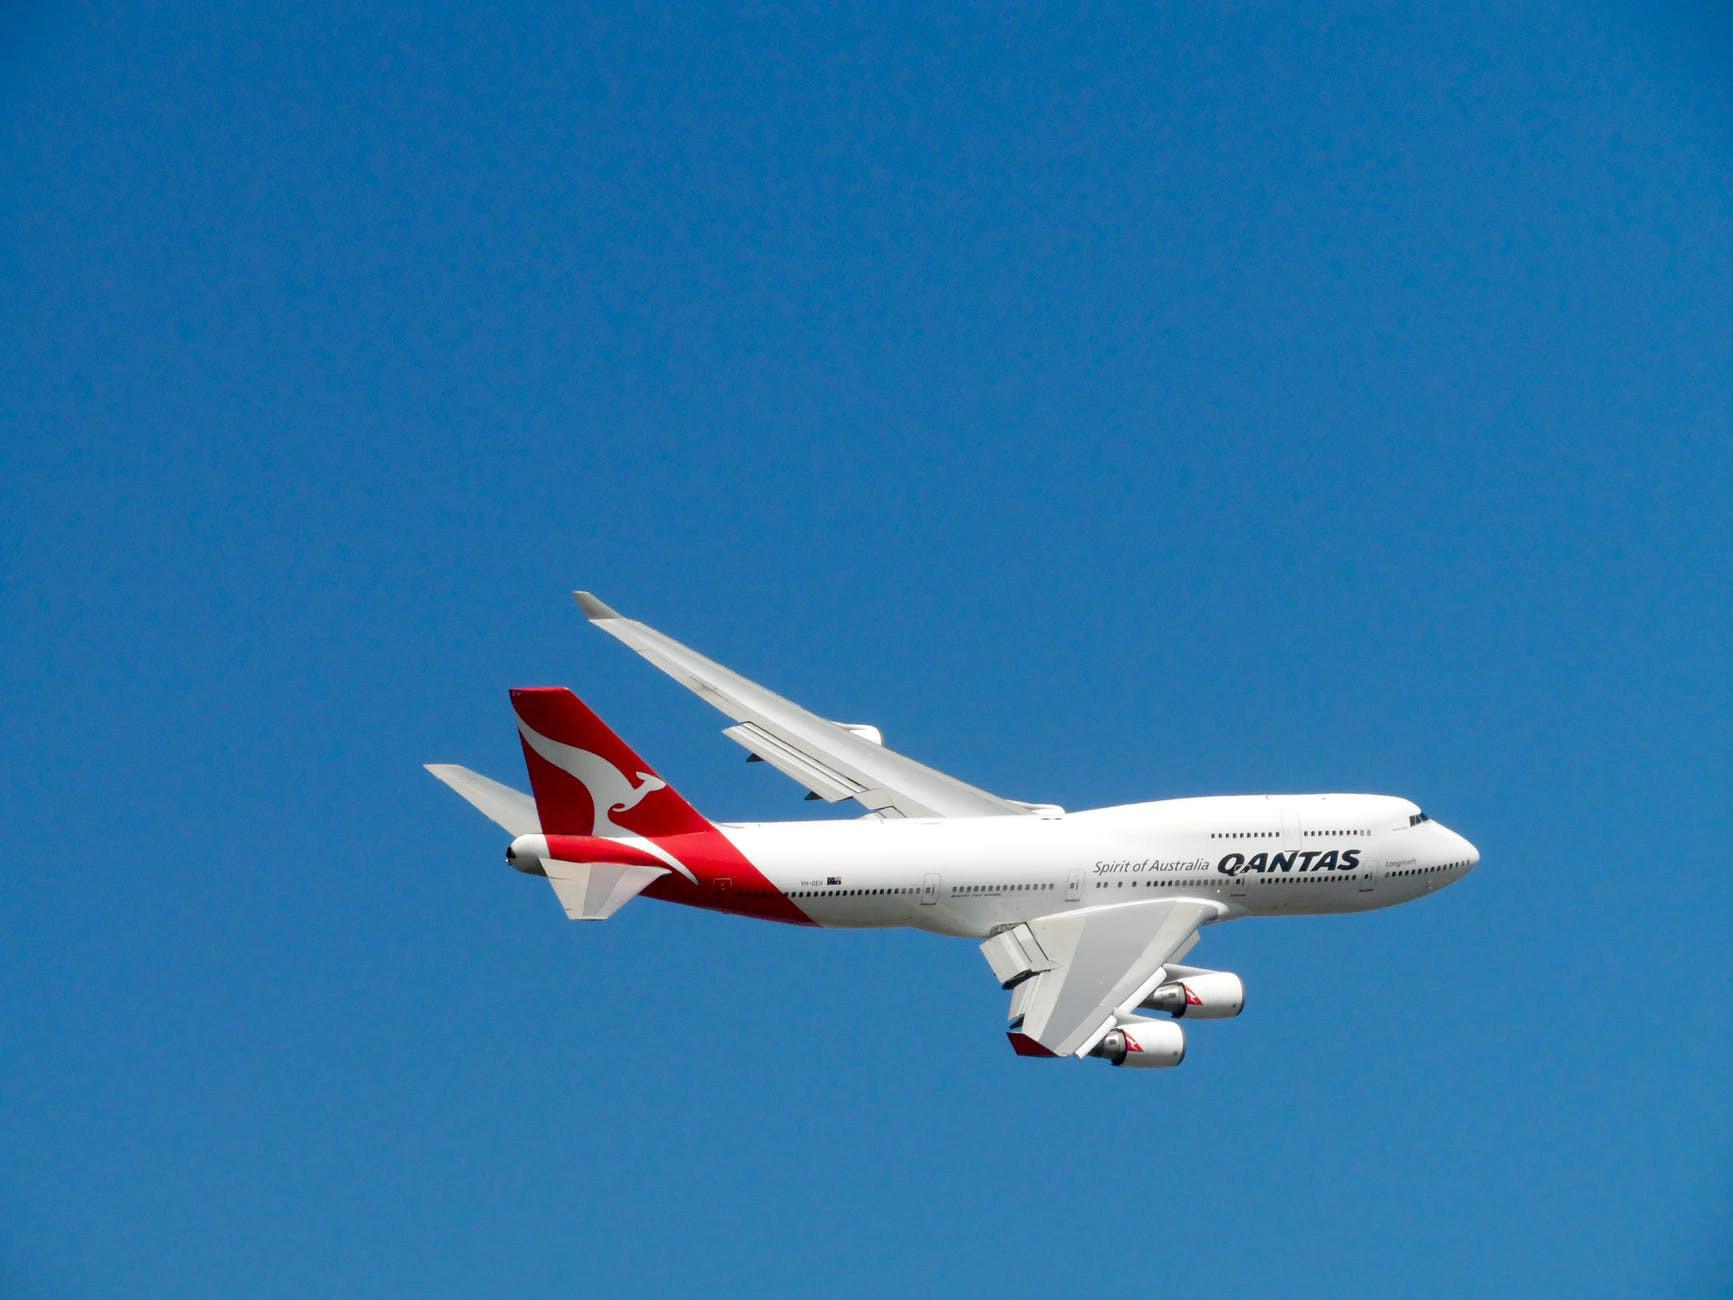 阿提哈德航空宣布将开通全年飞往以色列定期航班